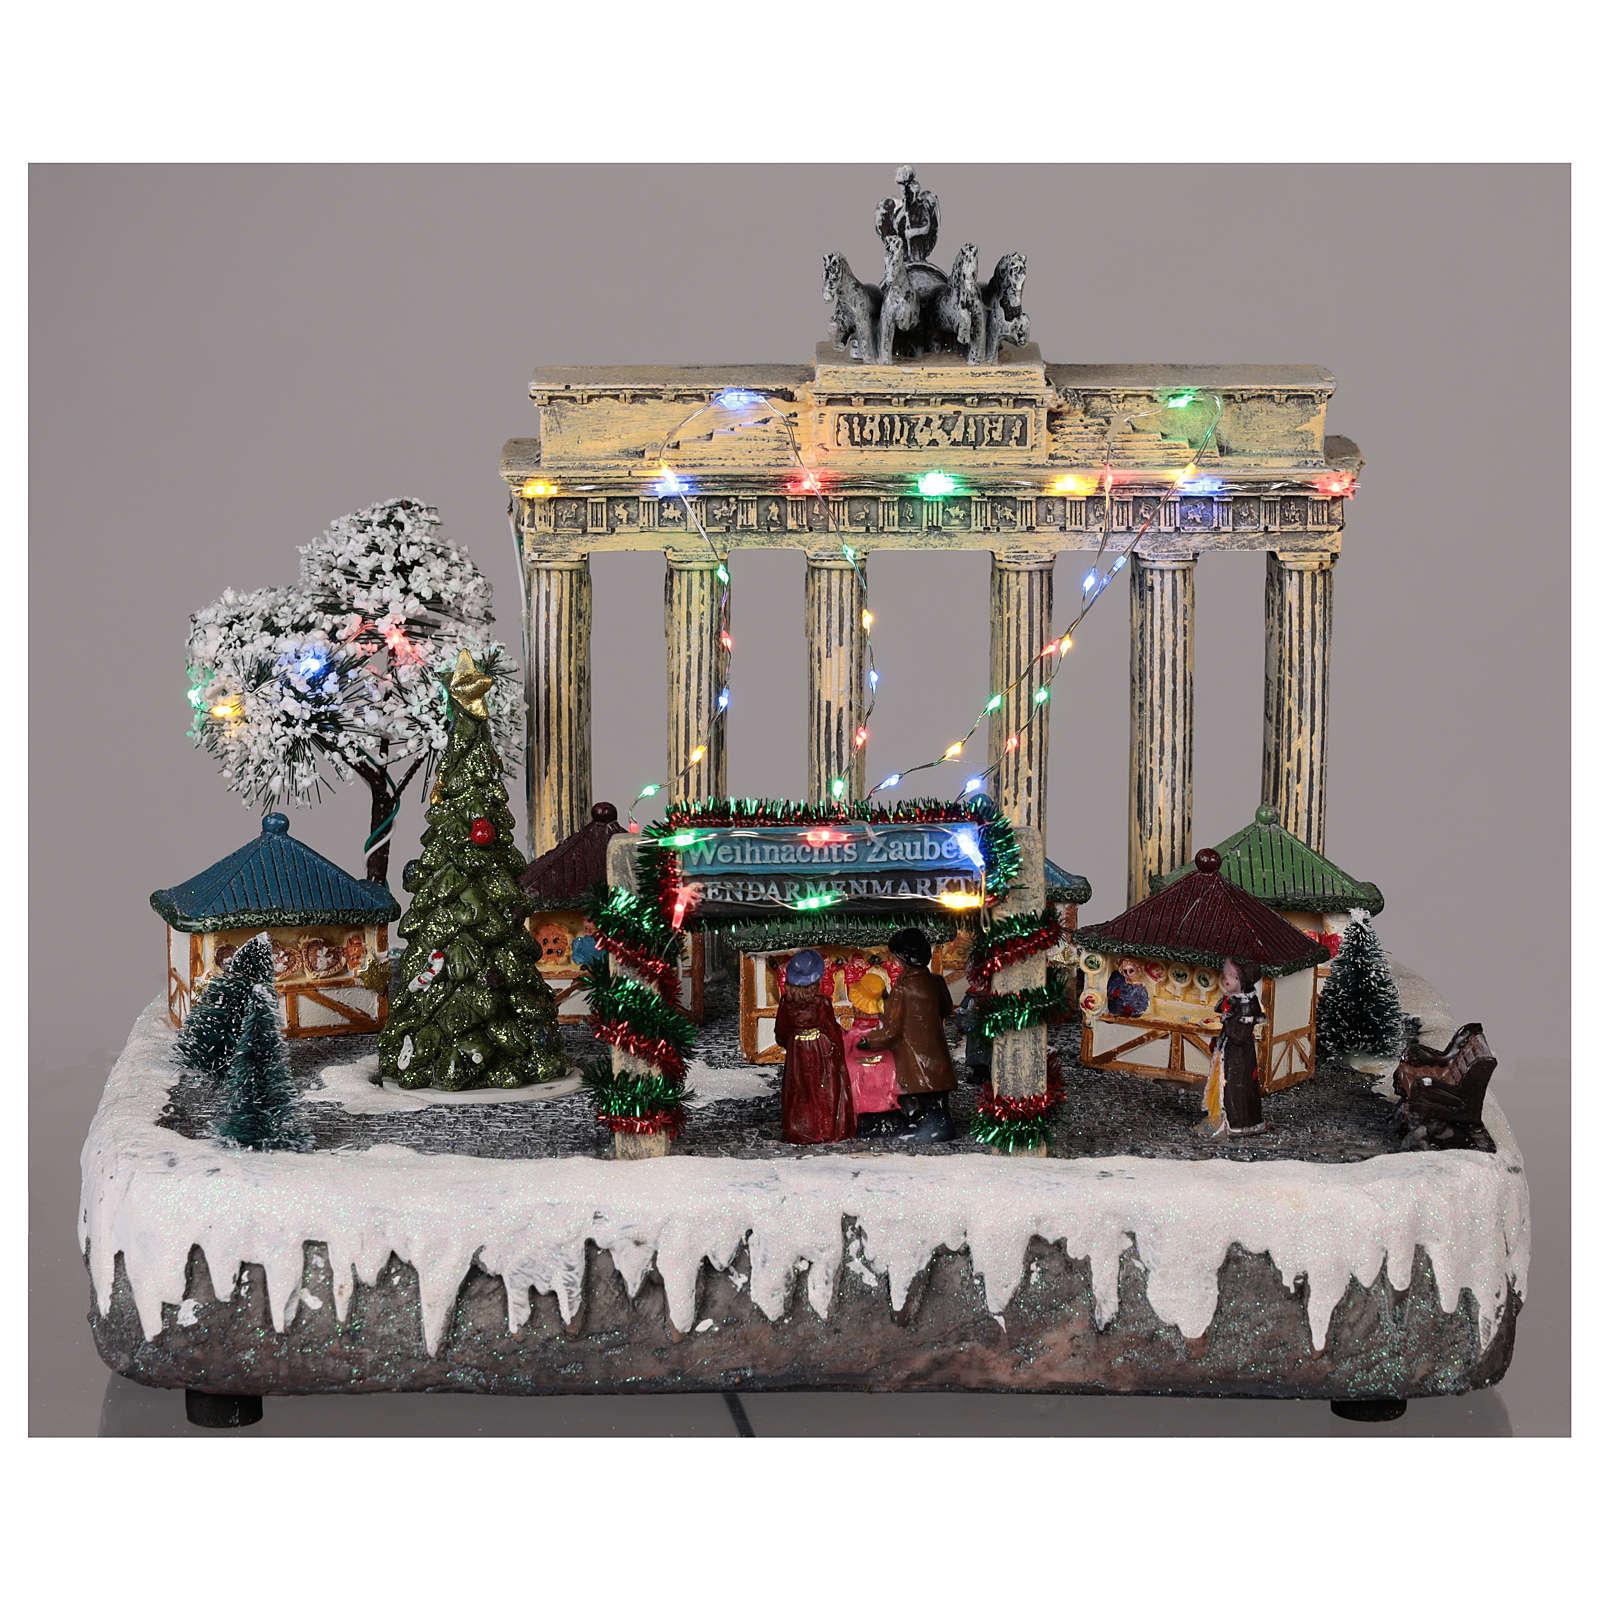 Village Noël Berlin mouvement lumières musique 25x20x25 cm 3